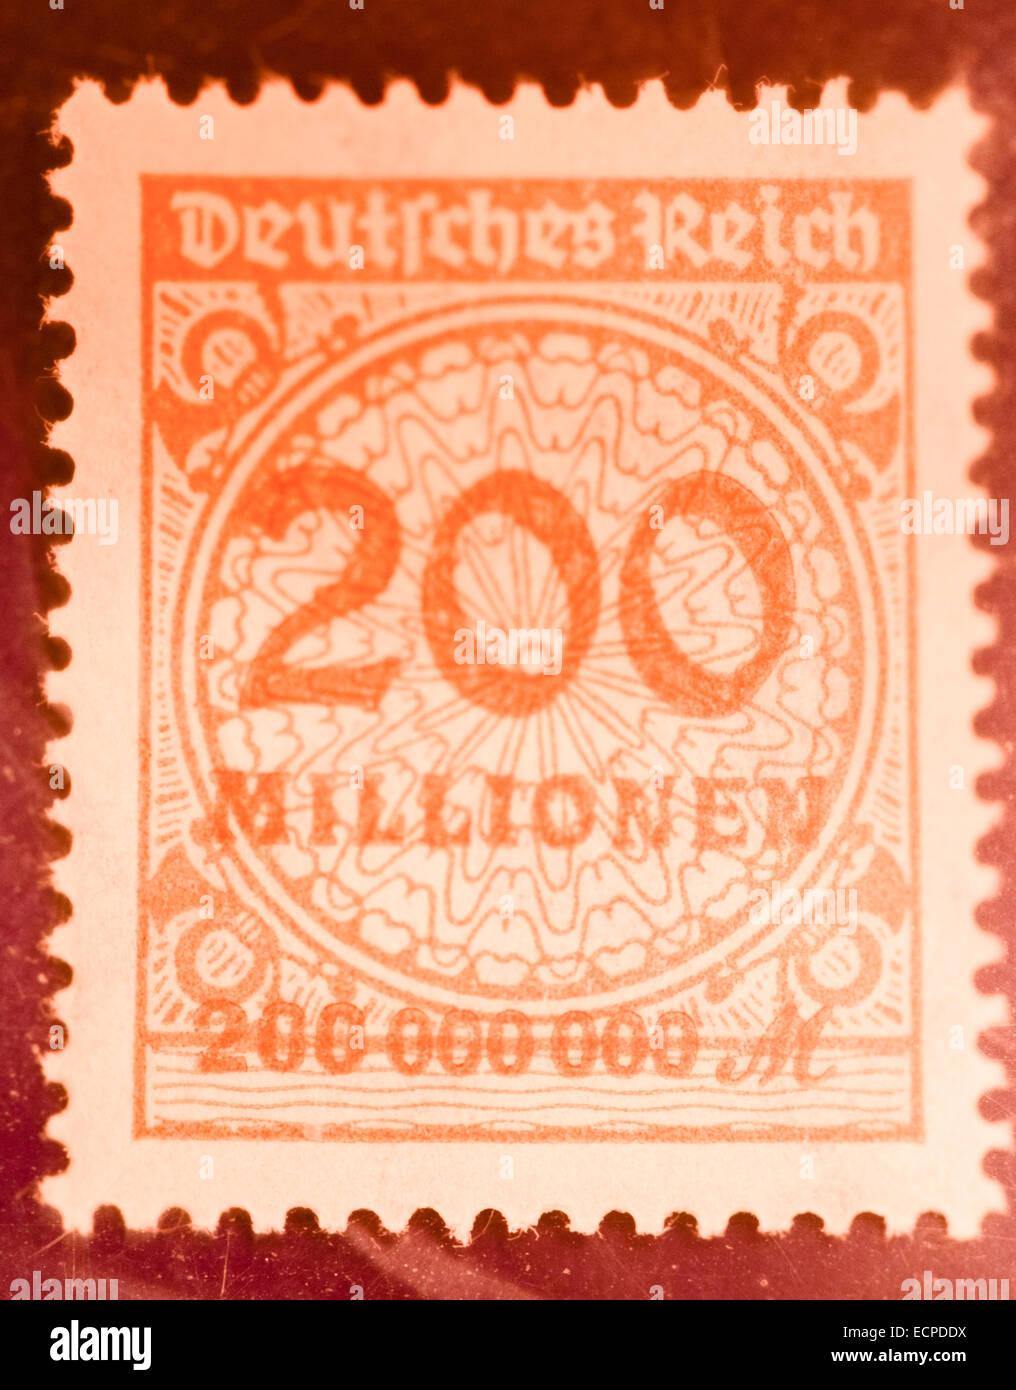 Alte Deutsche Inflation Briefmarken Stockfoto Bild 76710870 Alamy